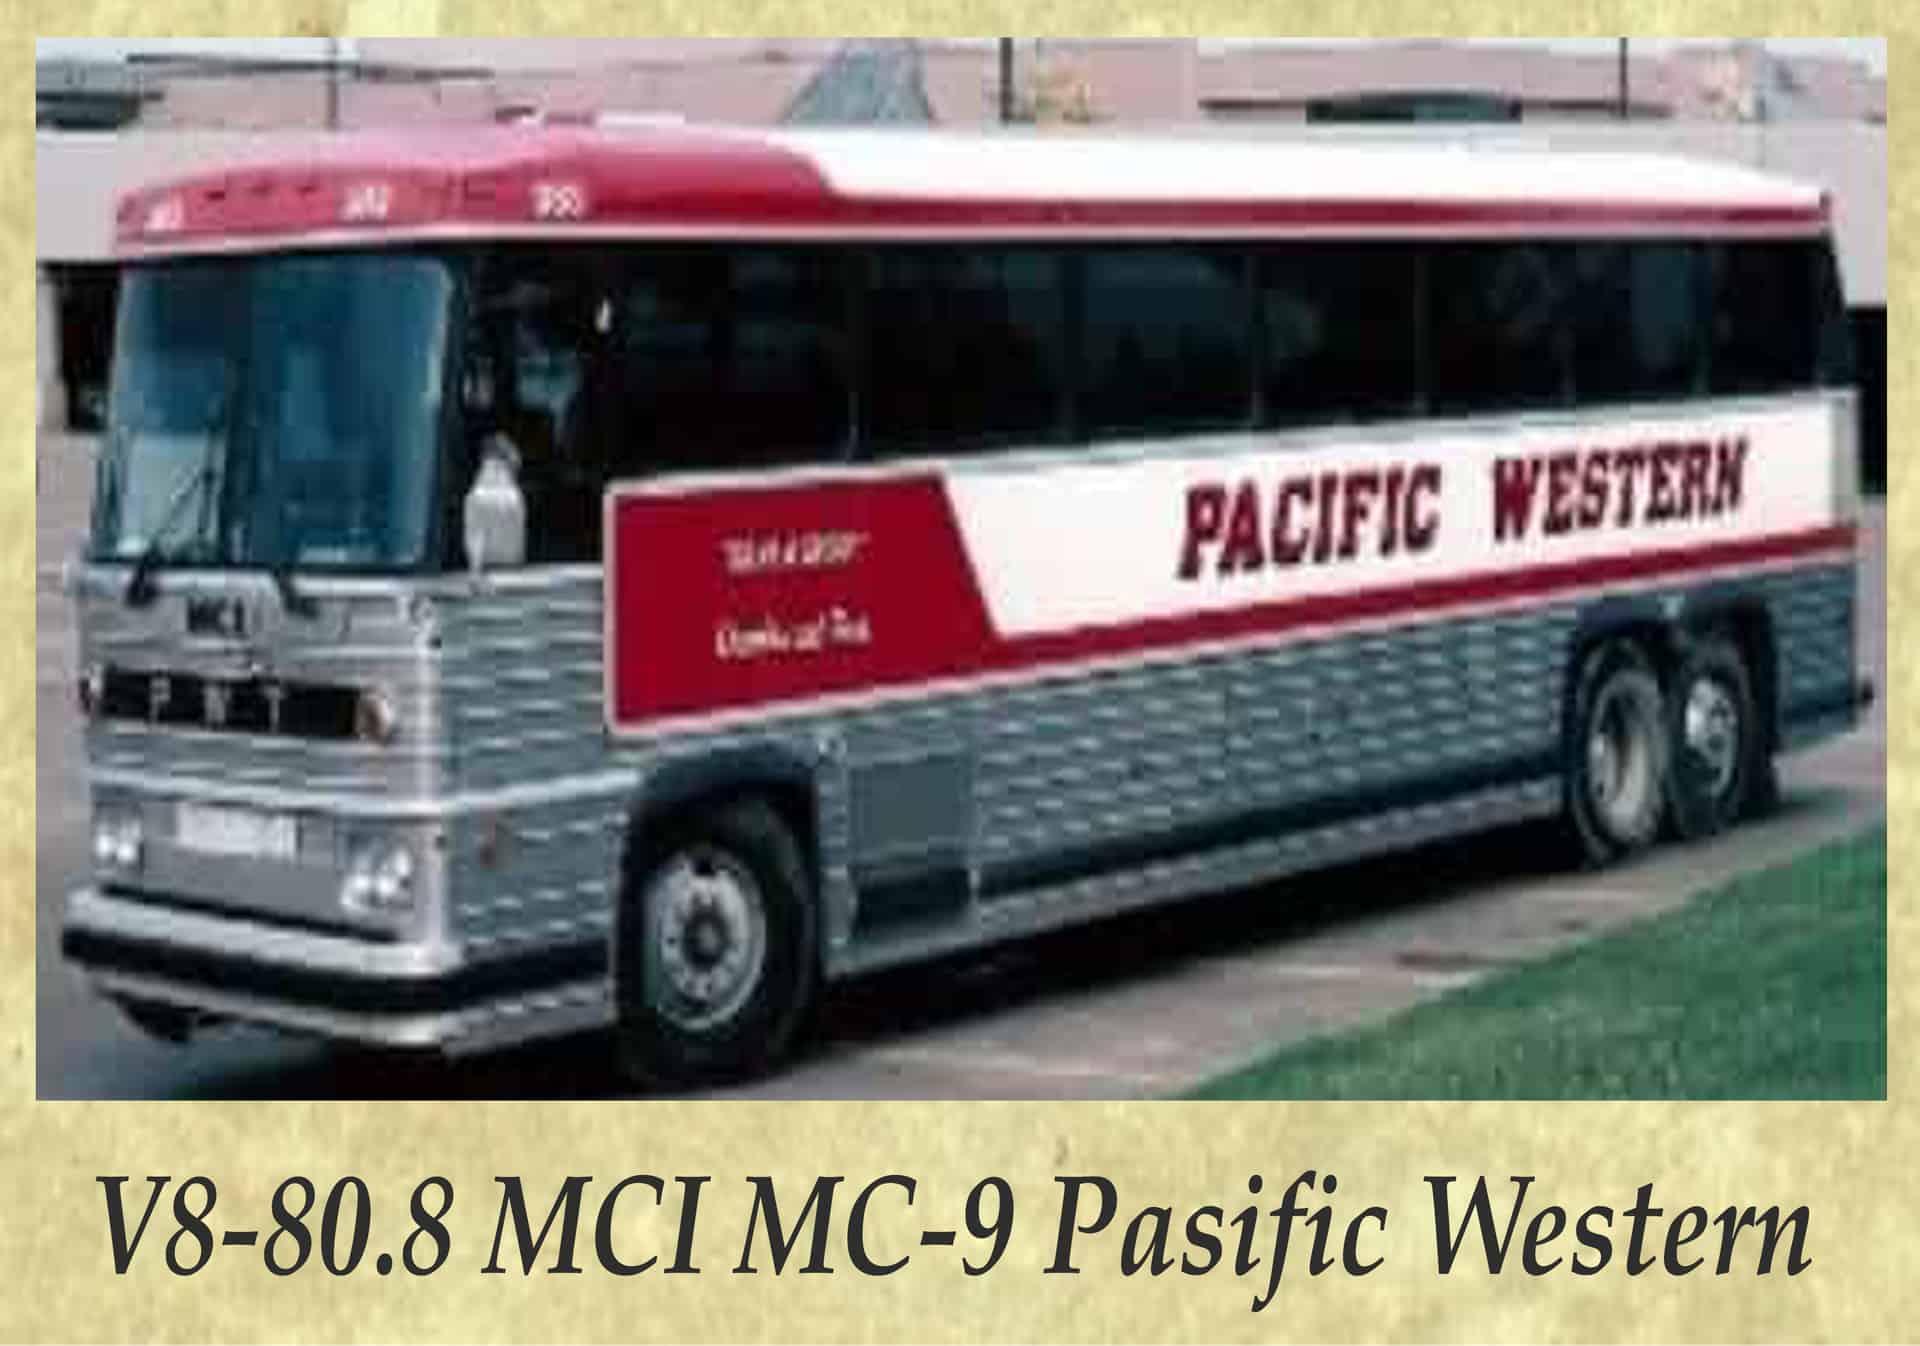 V8-80.8 MCI MC-9 Pasific Western